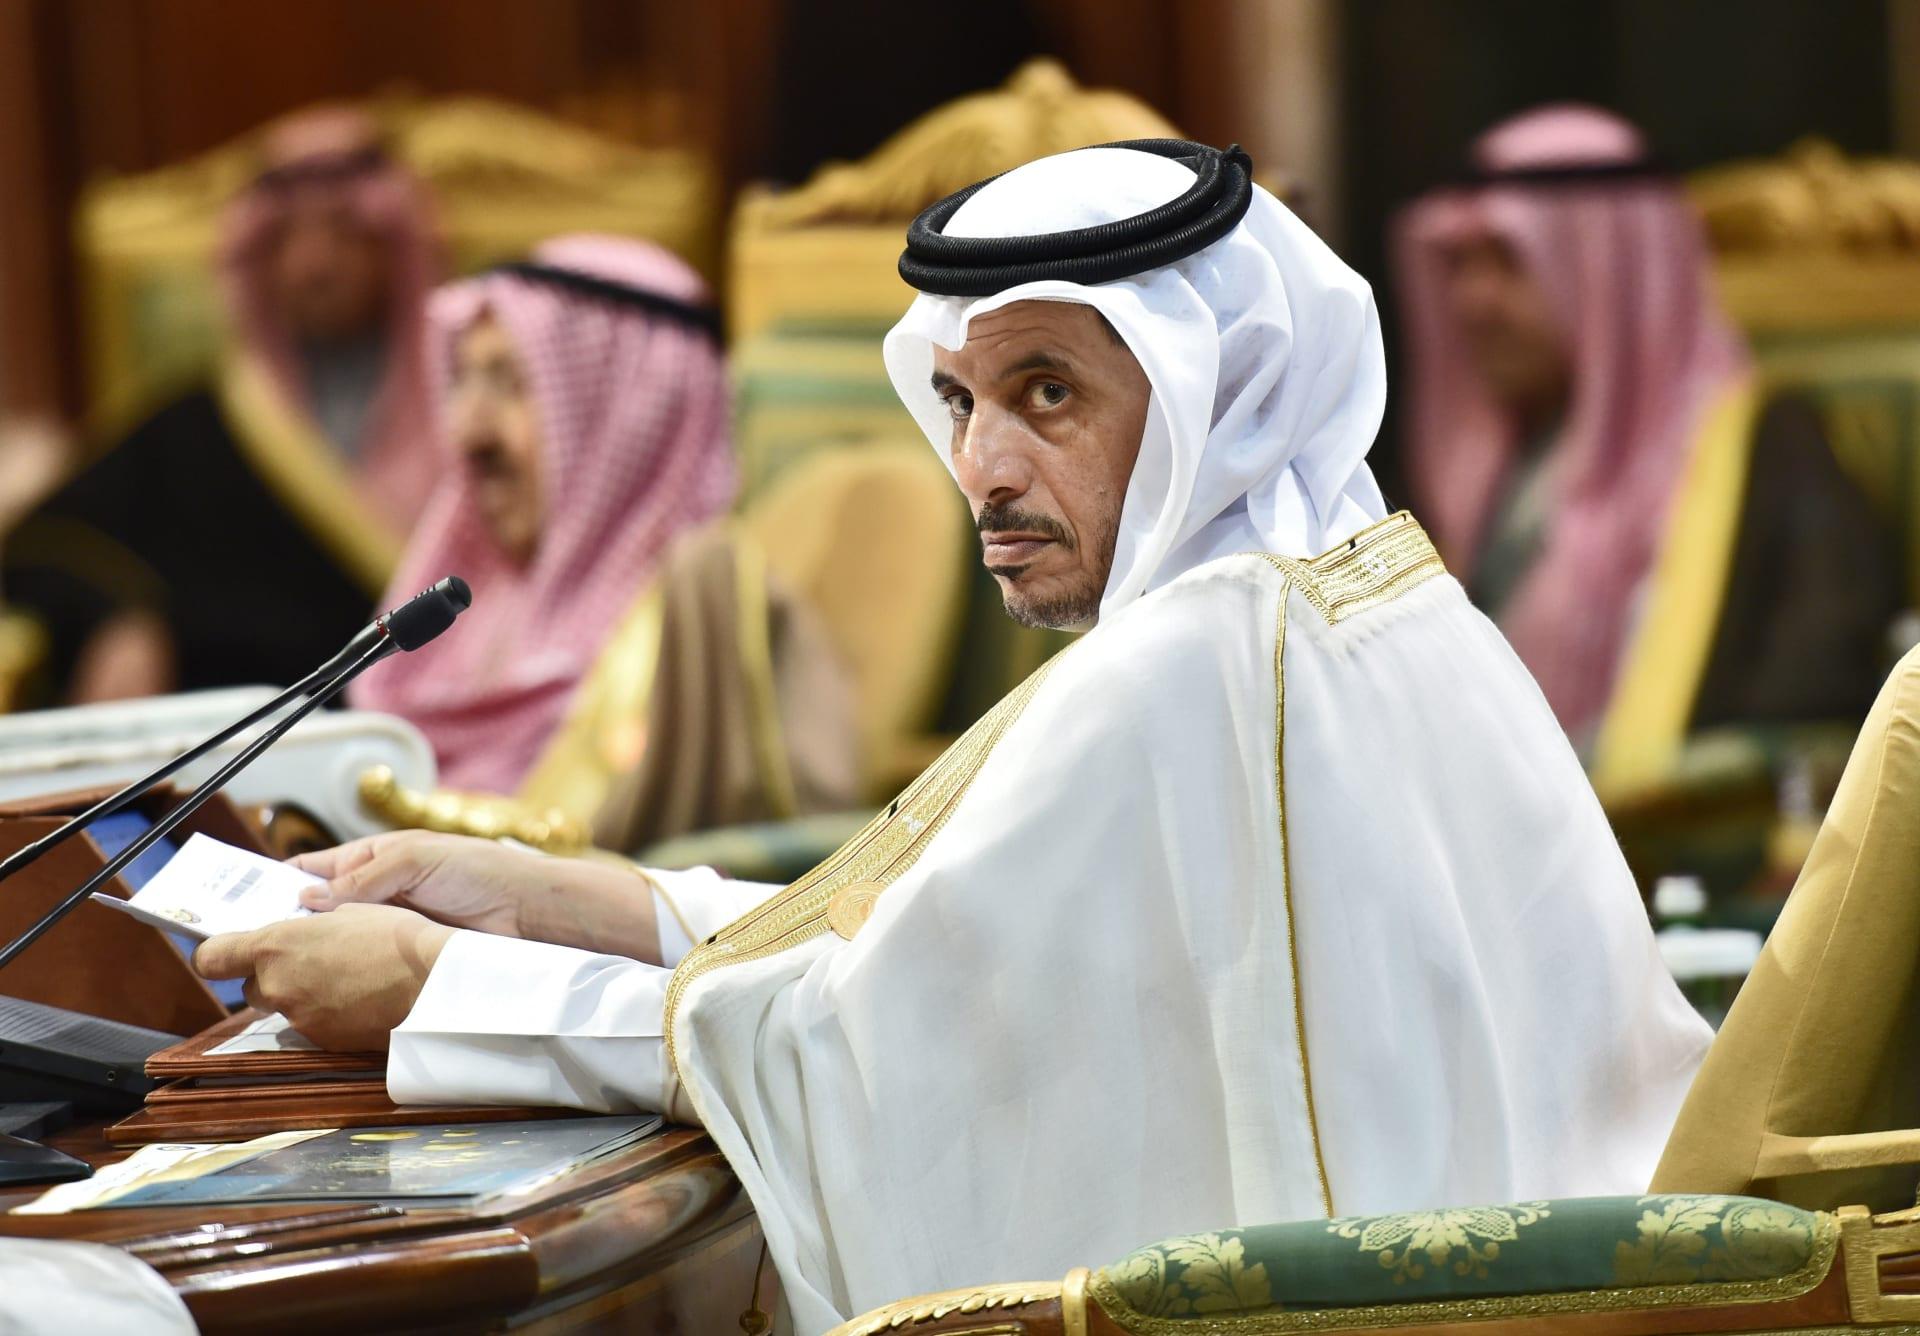 بعد تضارب حول استقالة رئيس الوزراء القطري.. والد أمير قطر يزوره في منزله